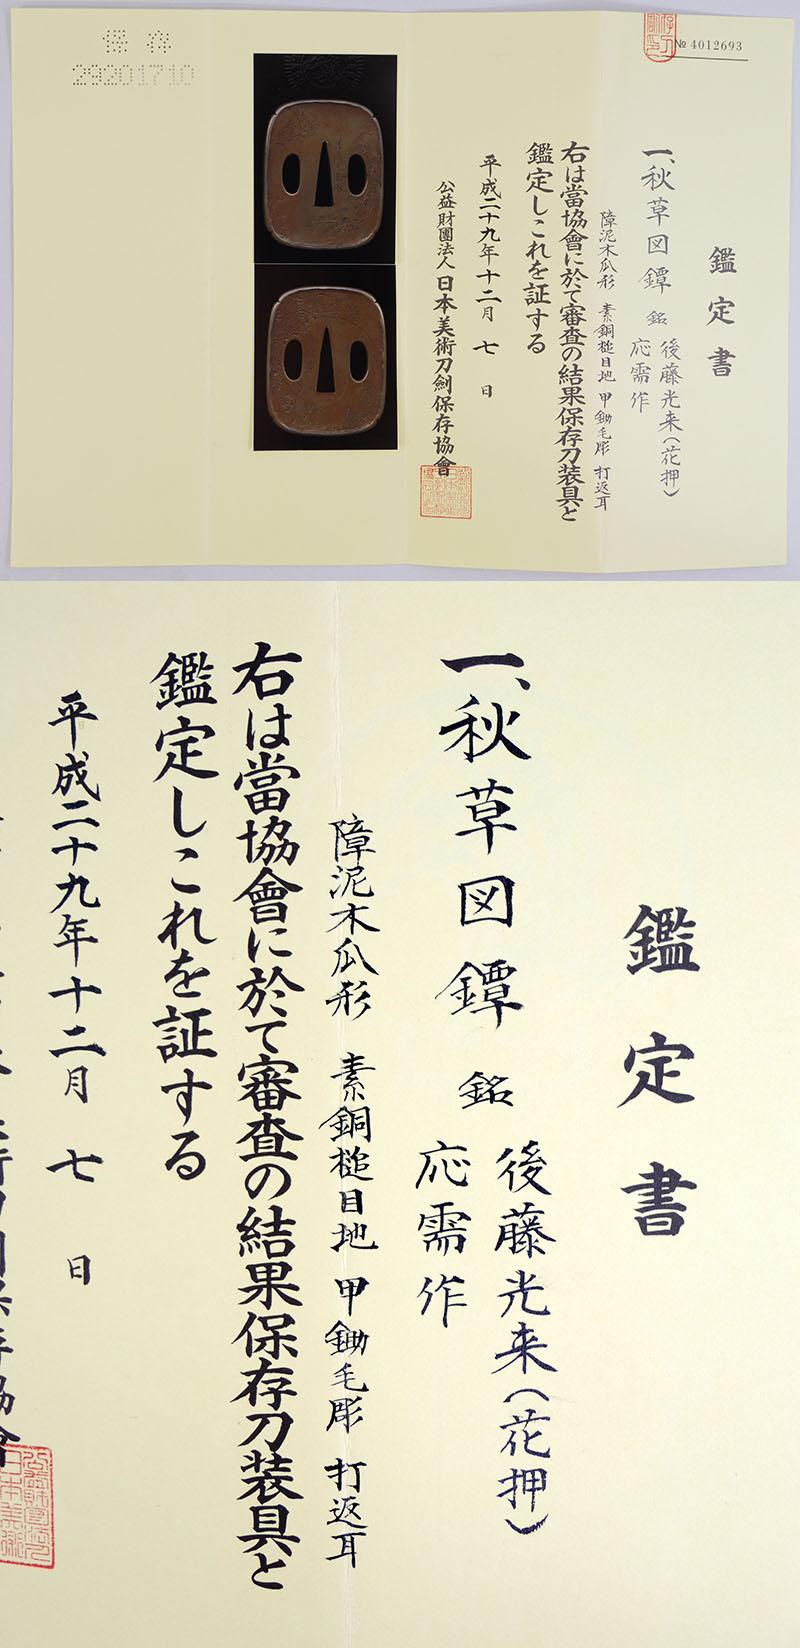 秋草図鍔 銘 後藤光来(花押)(後藤一乗の次男)              応需作鑑定書画像